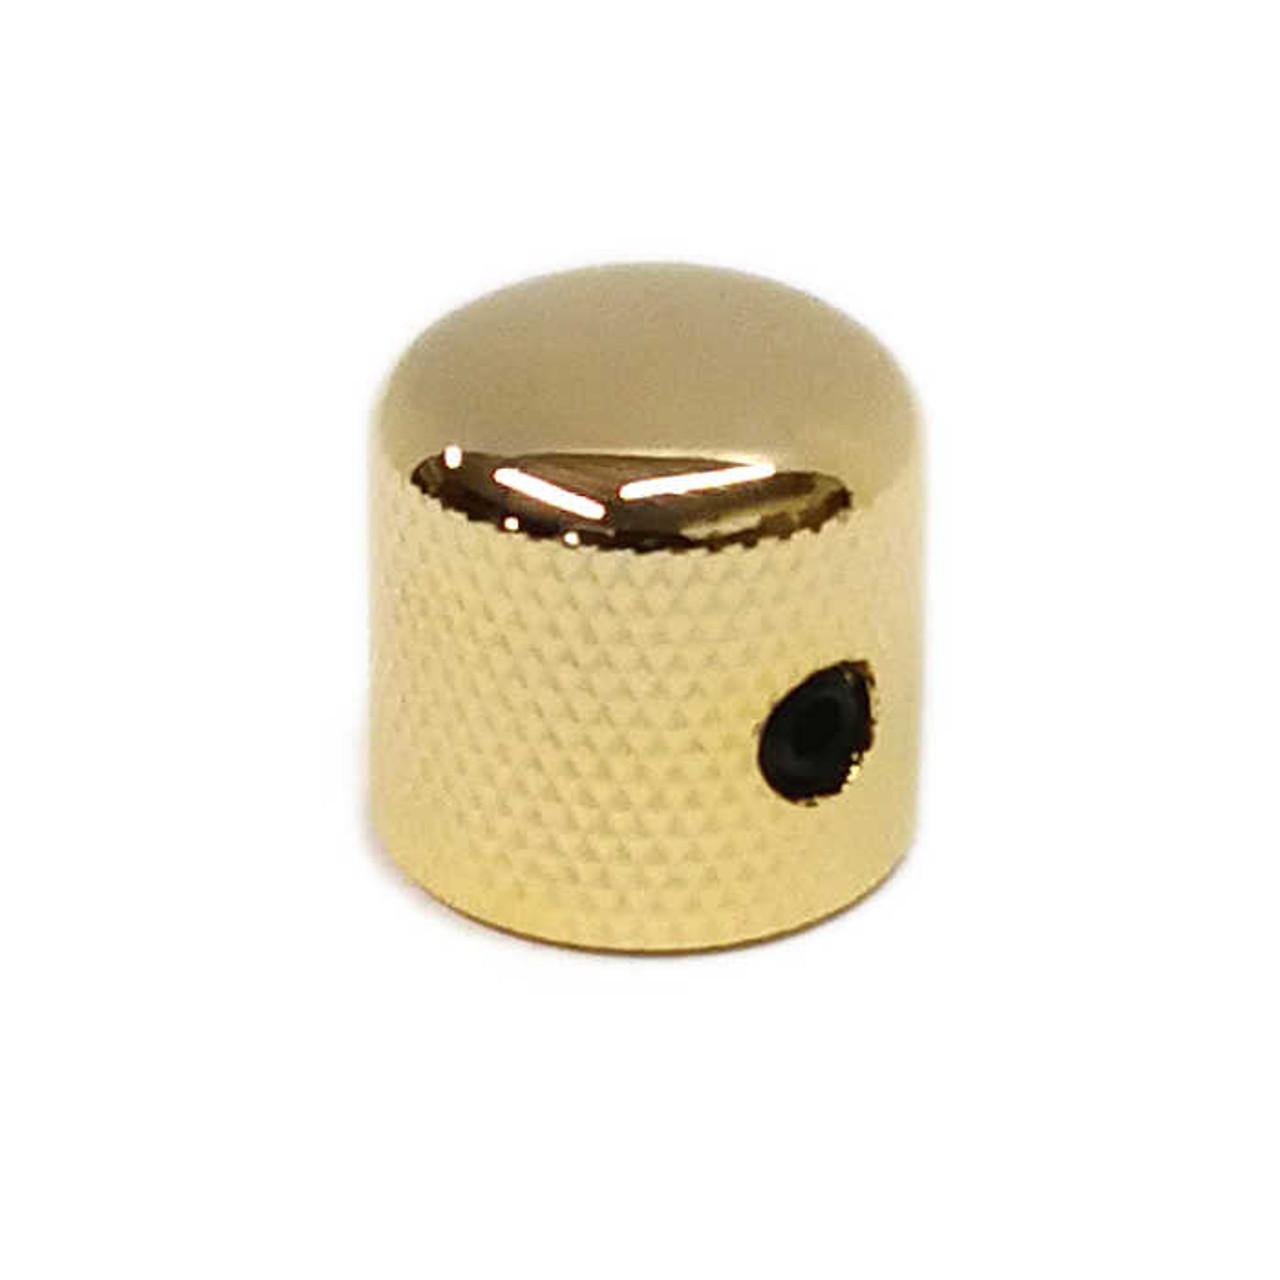 Dome Knob - Fine Gold